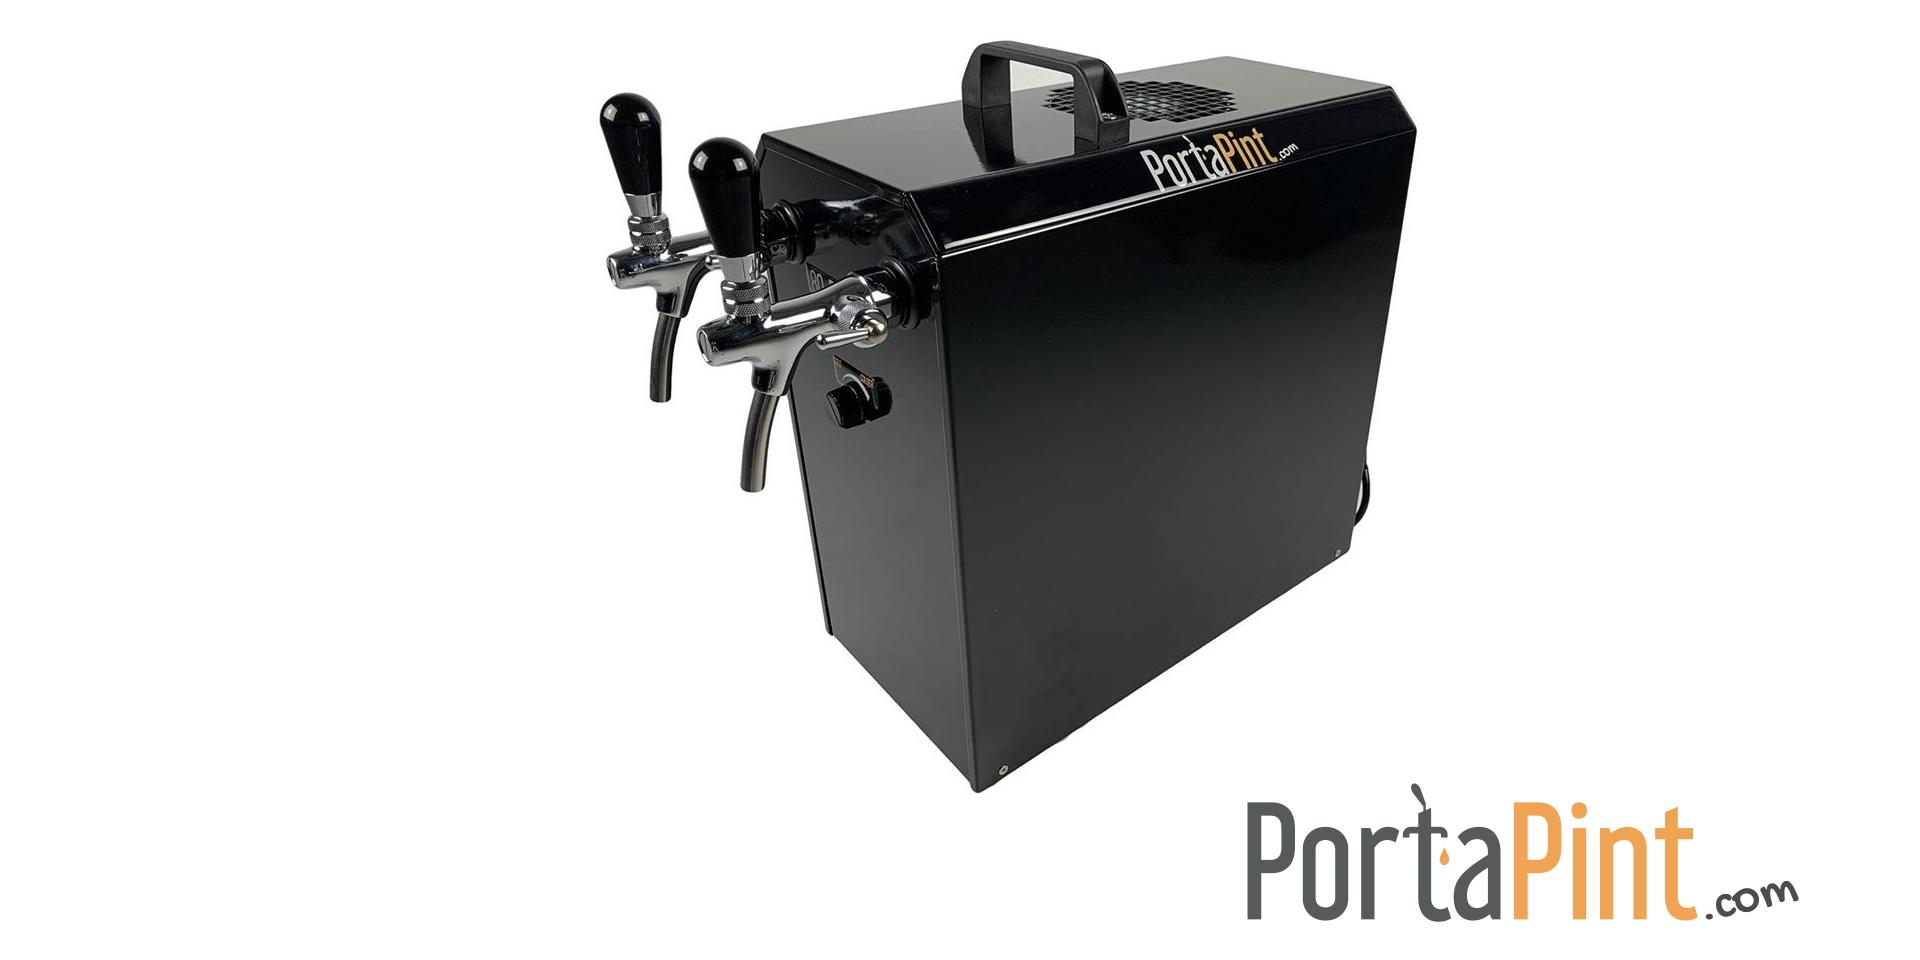 Portapint 80 Pro Hire